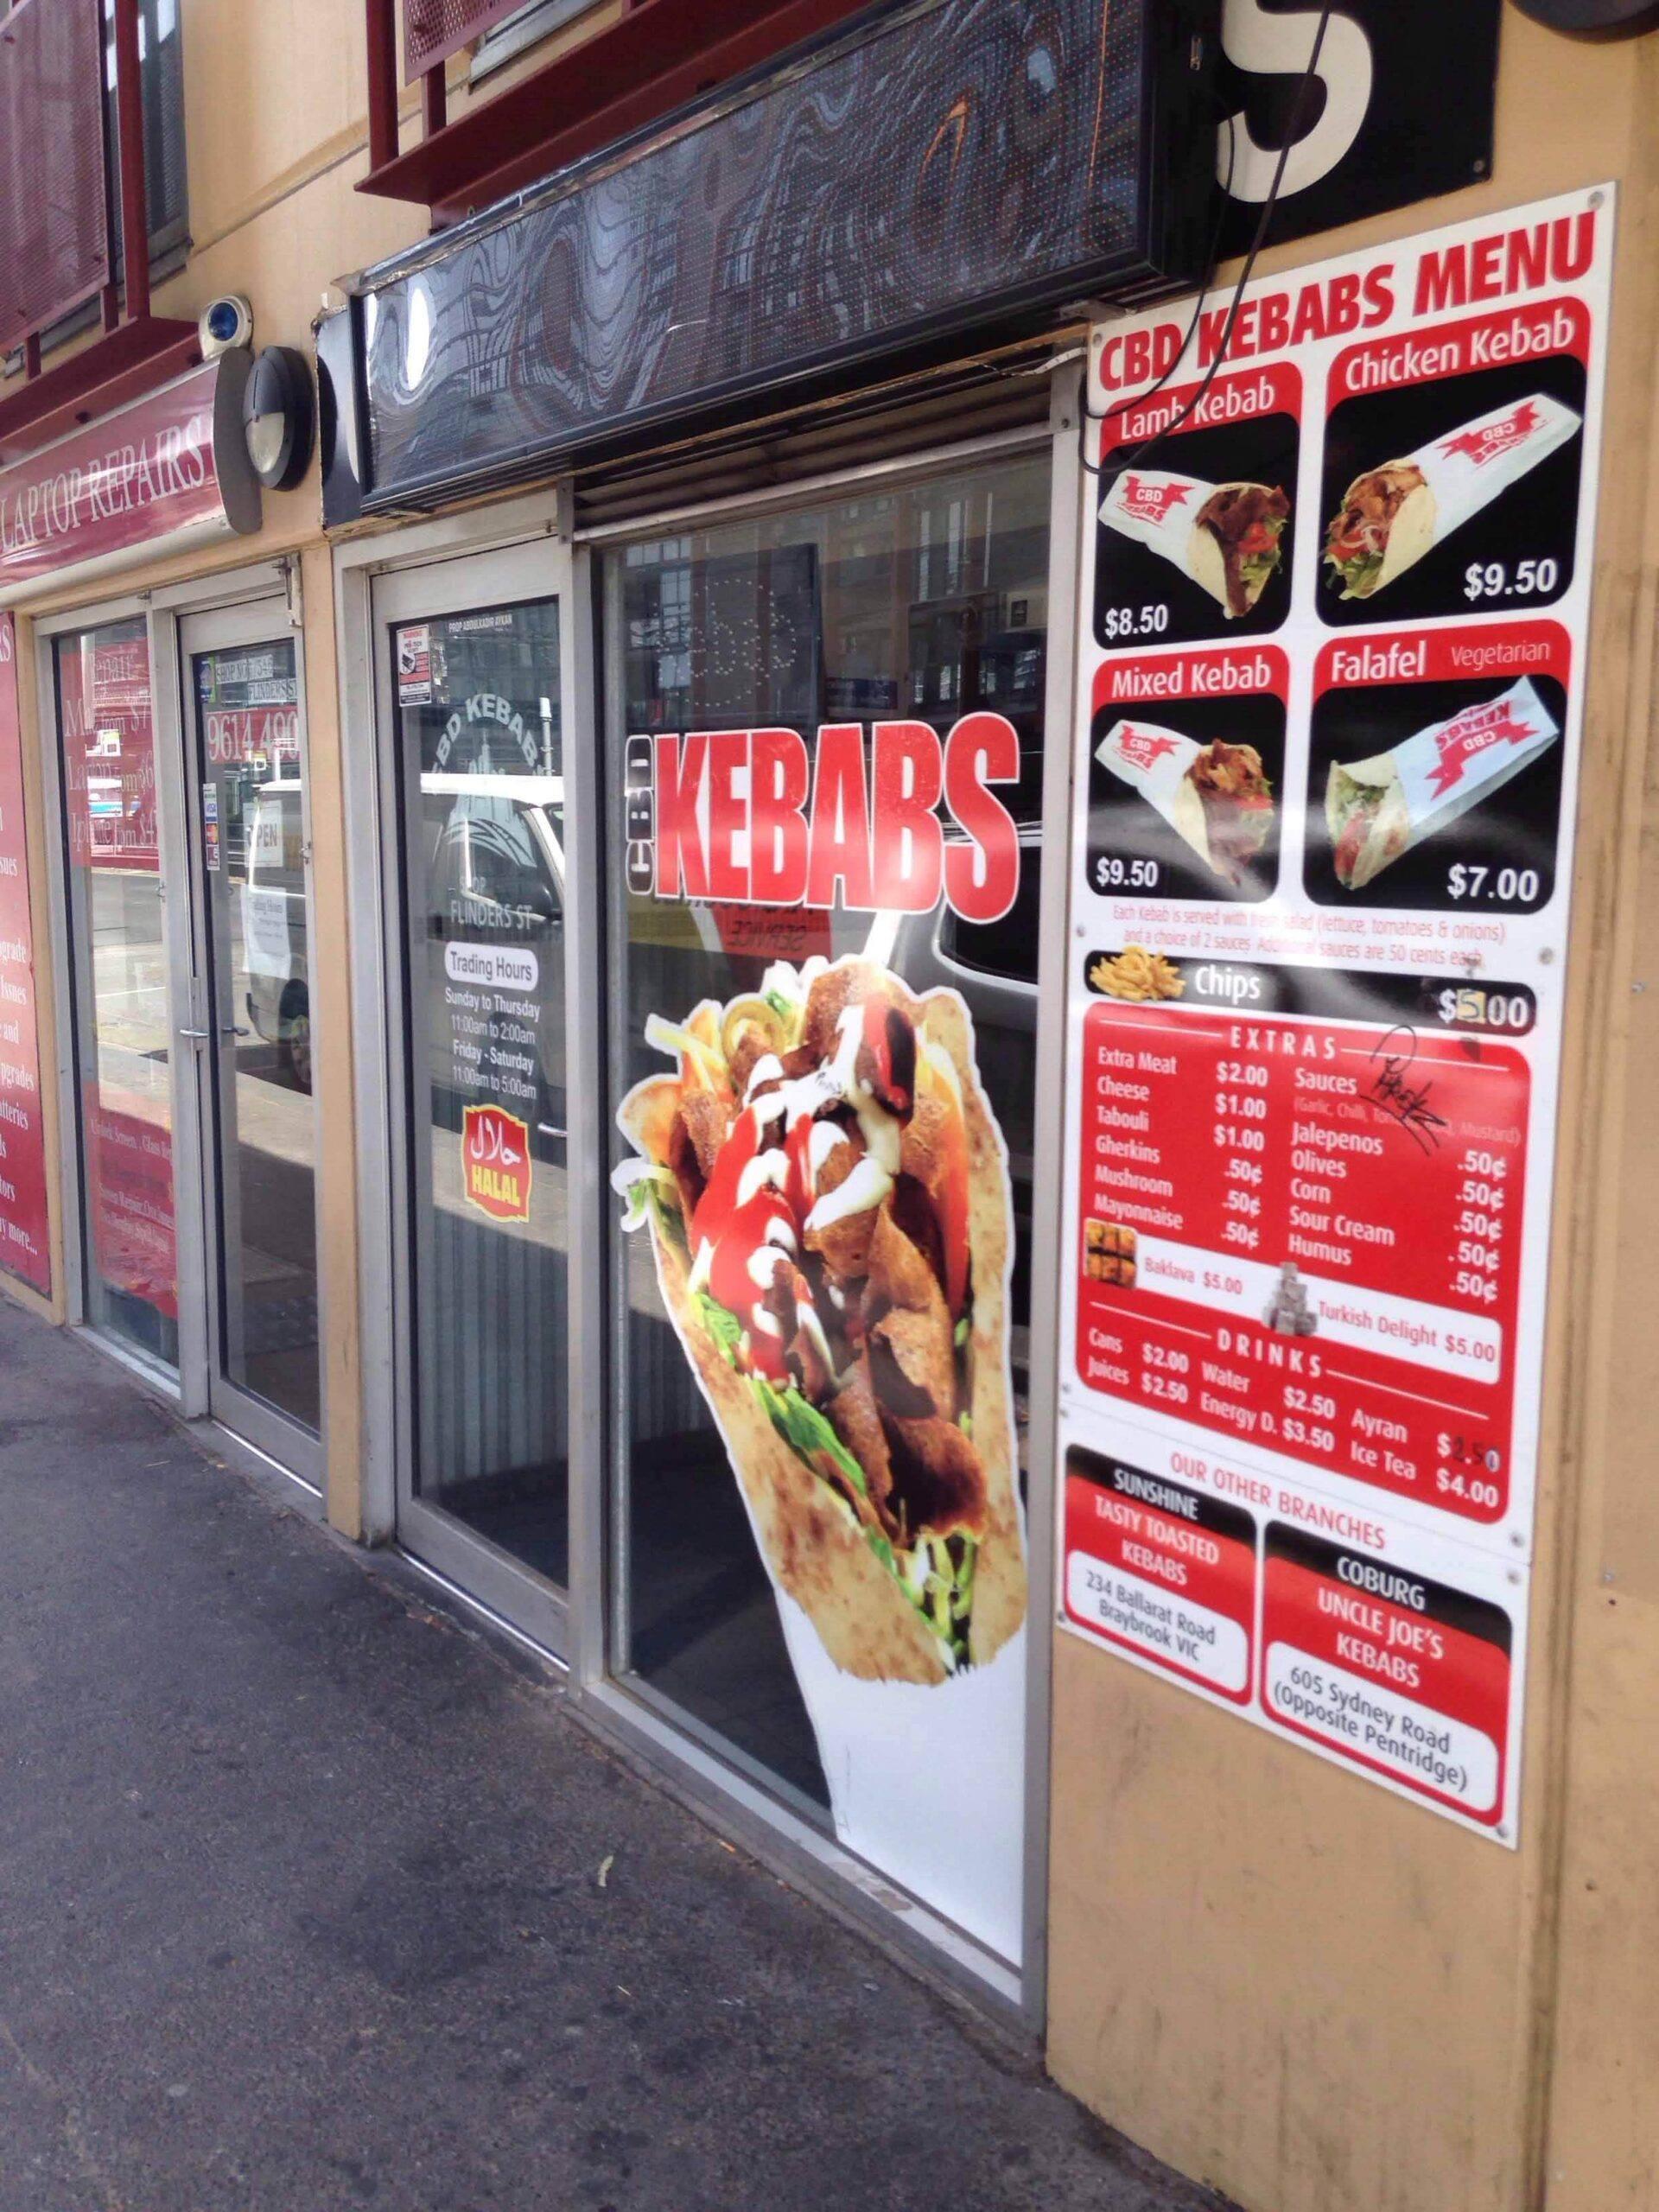 CBD Kebabs